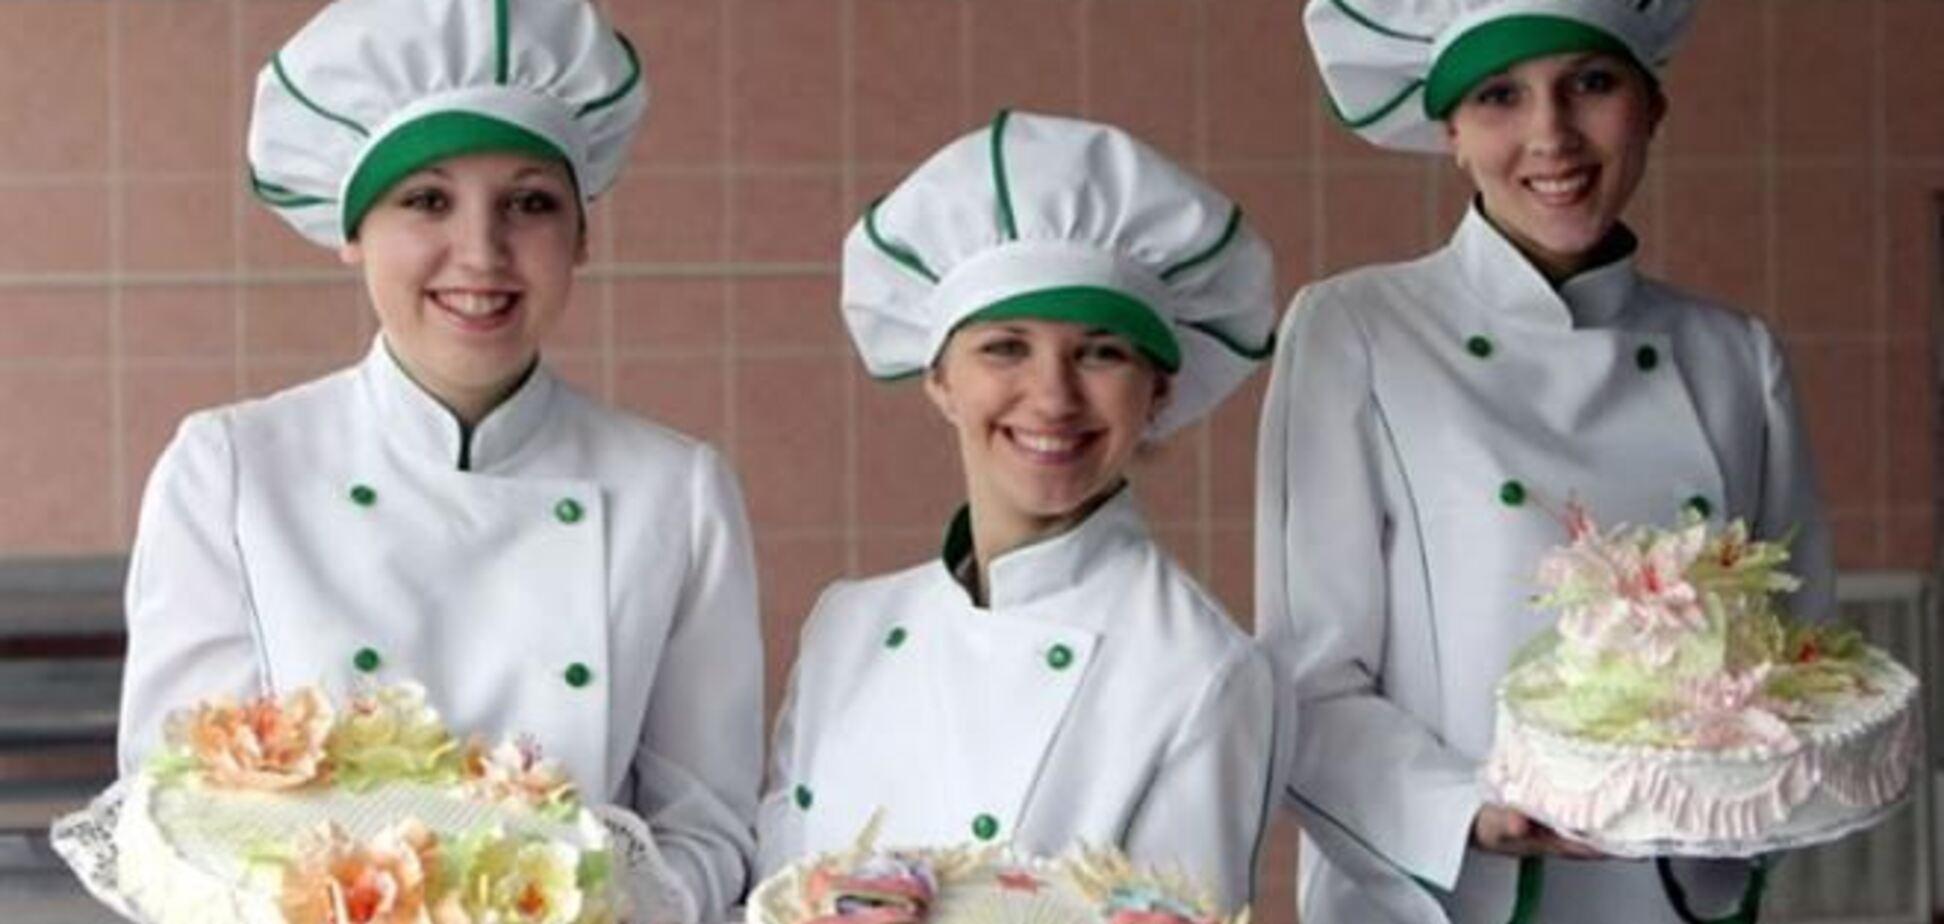 У Києві прокуратура розслідує невиплату зарплати 13-річній дівчинці